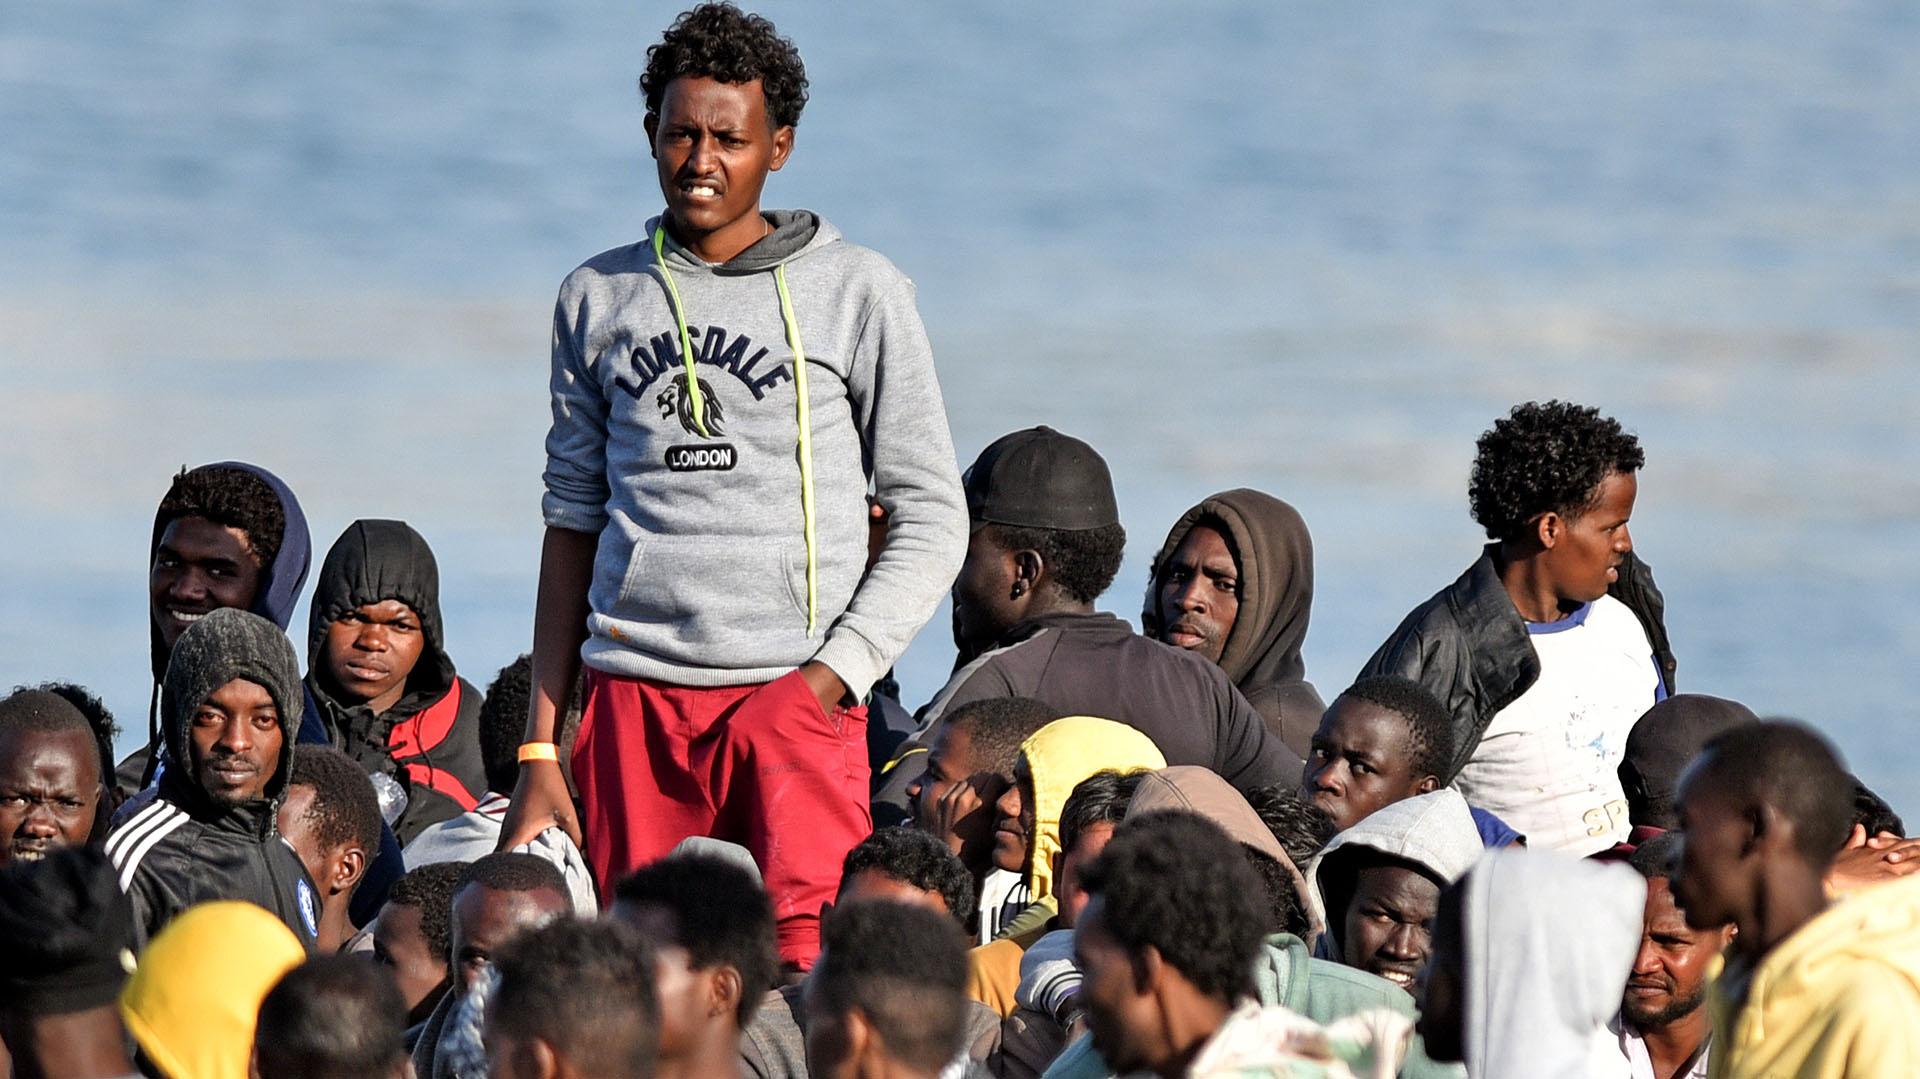 La mayoría de los migrantes que llegan a Europa huyen de las guerras (AFP)